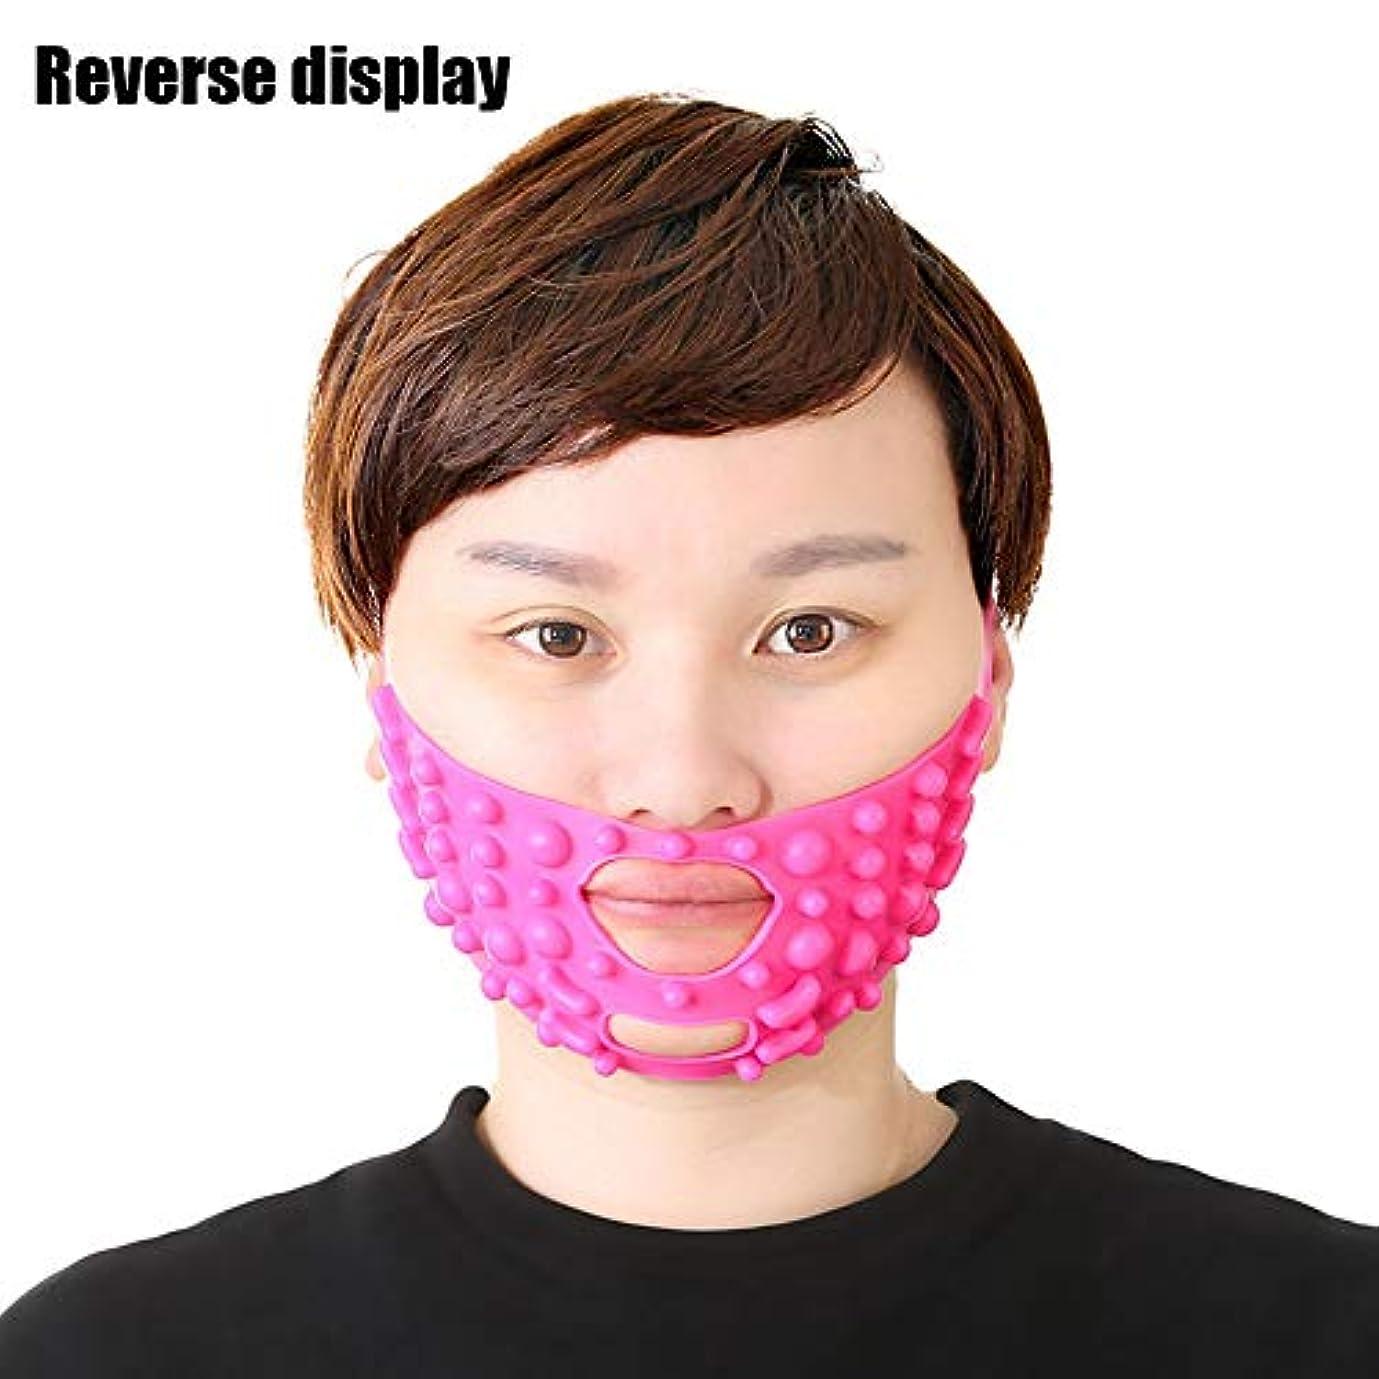 テメリティインタラクション貝殻フェイシャルマッサージ包帯、持ち上げ、引き締め、法則パターンを改善して小さなVフェイス/二重あごマスクを作成(ローズレッド)